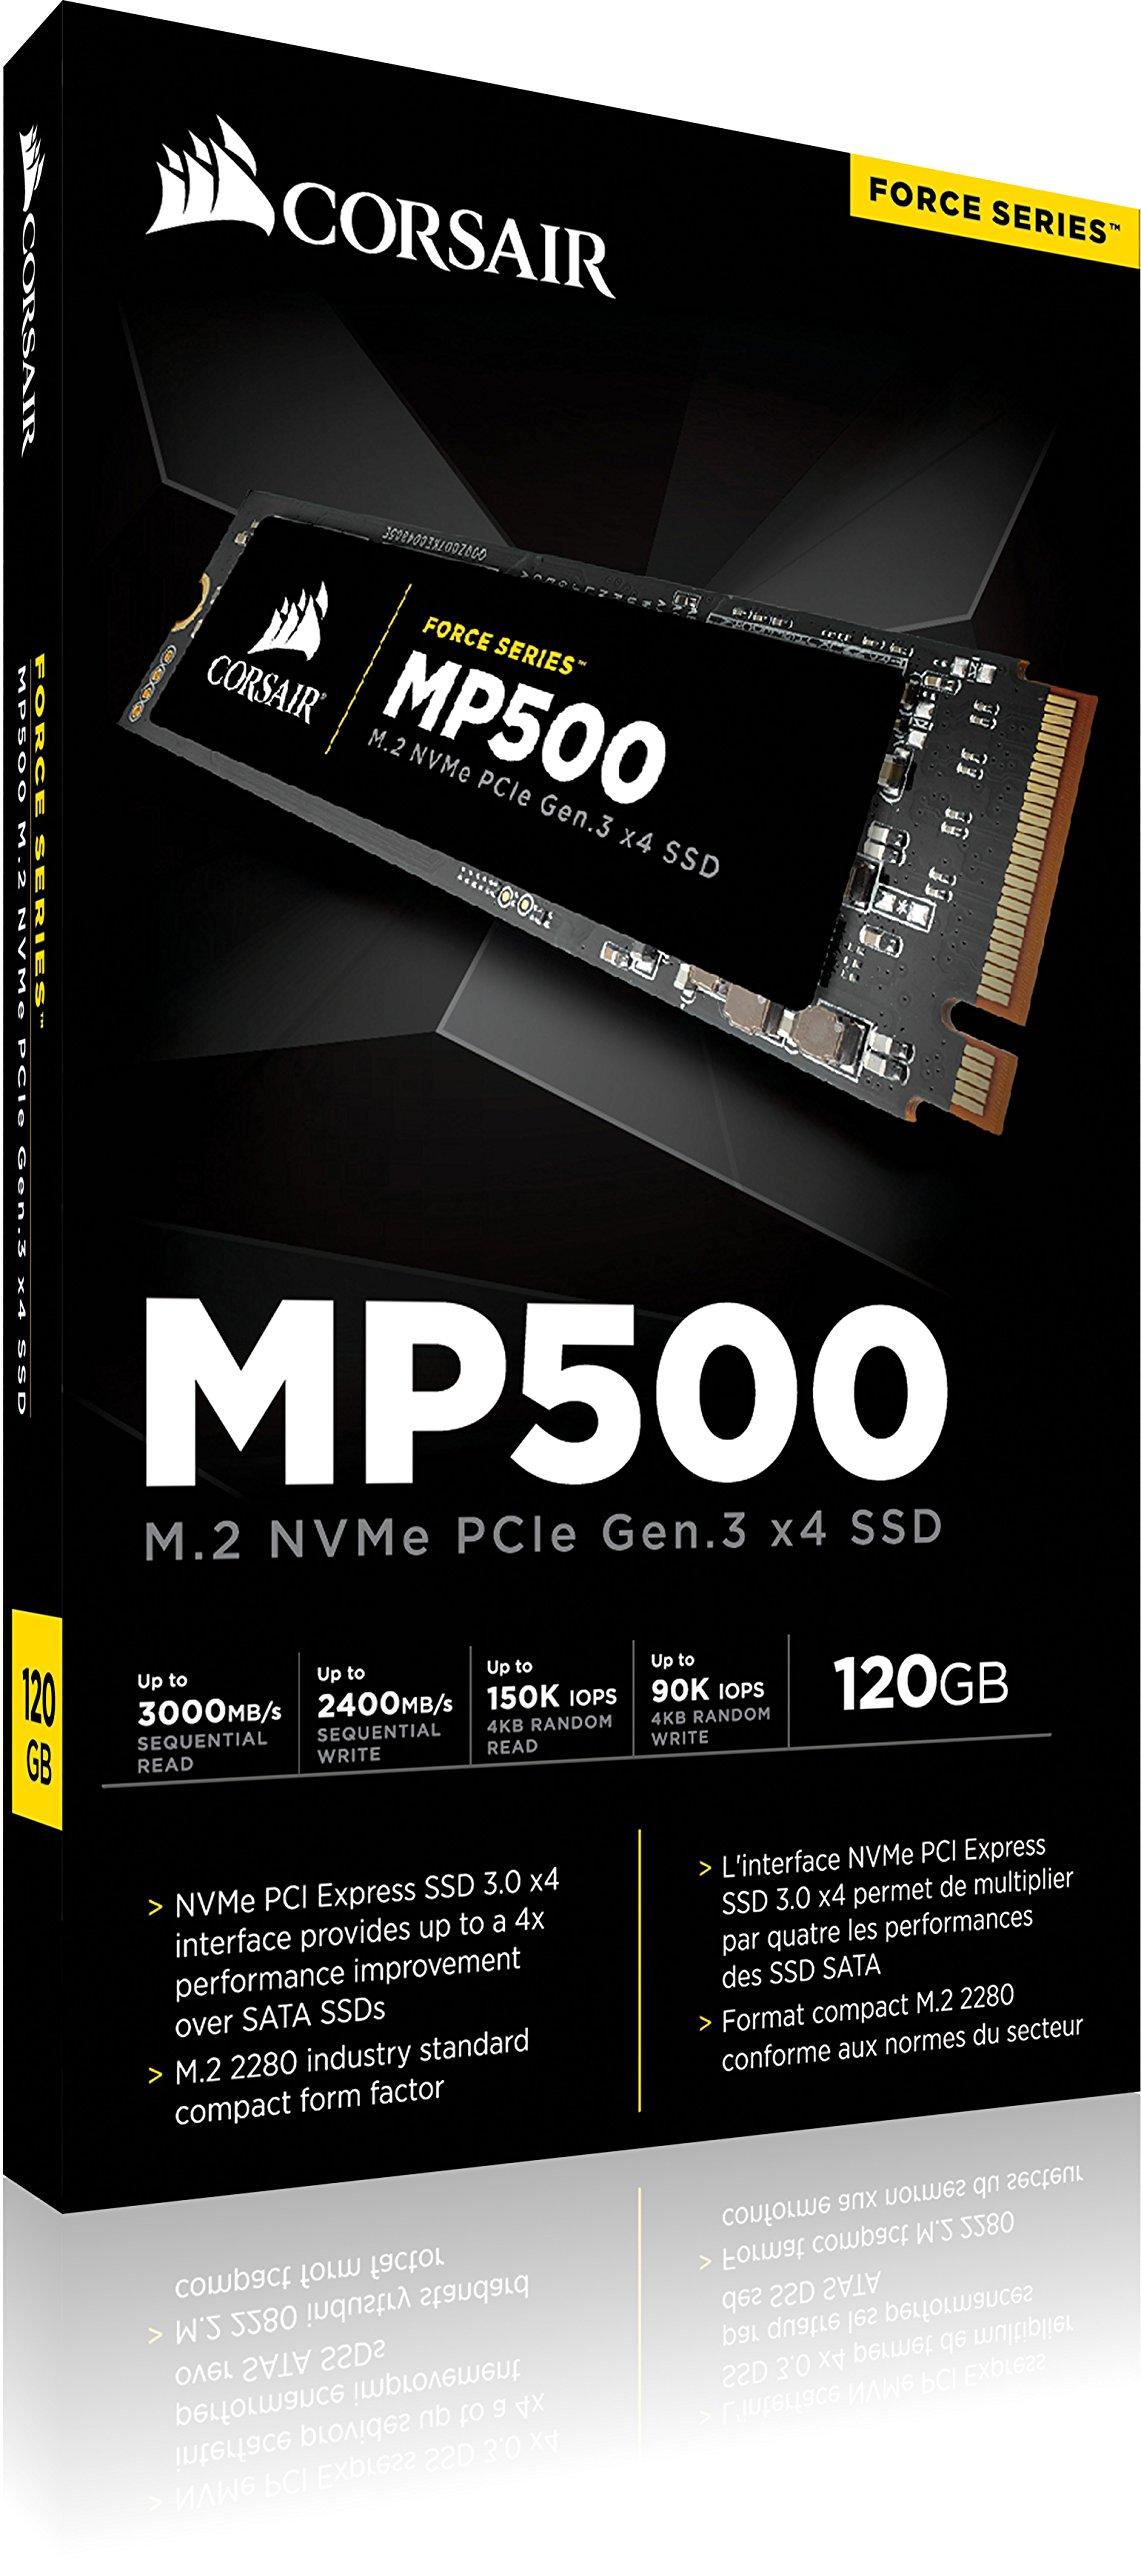 Corsair Force Series MP500 120GB M.2 NVMe PCIe Gen. 3 x4 SSD by Corsair